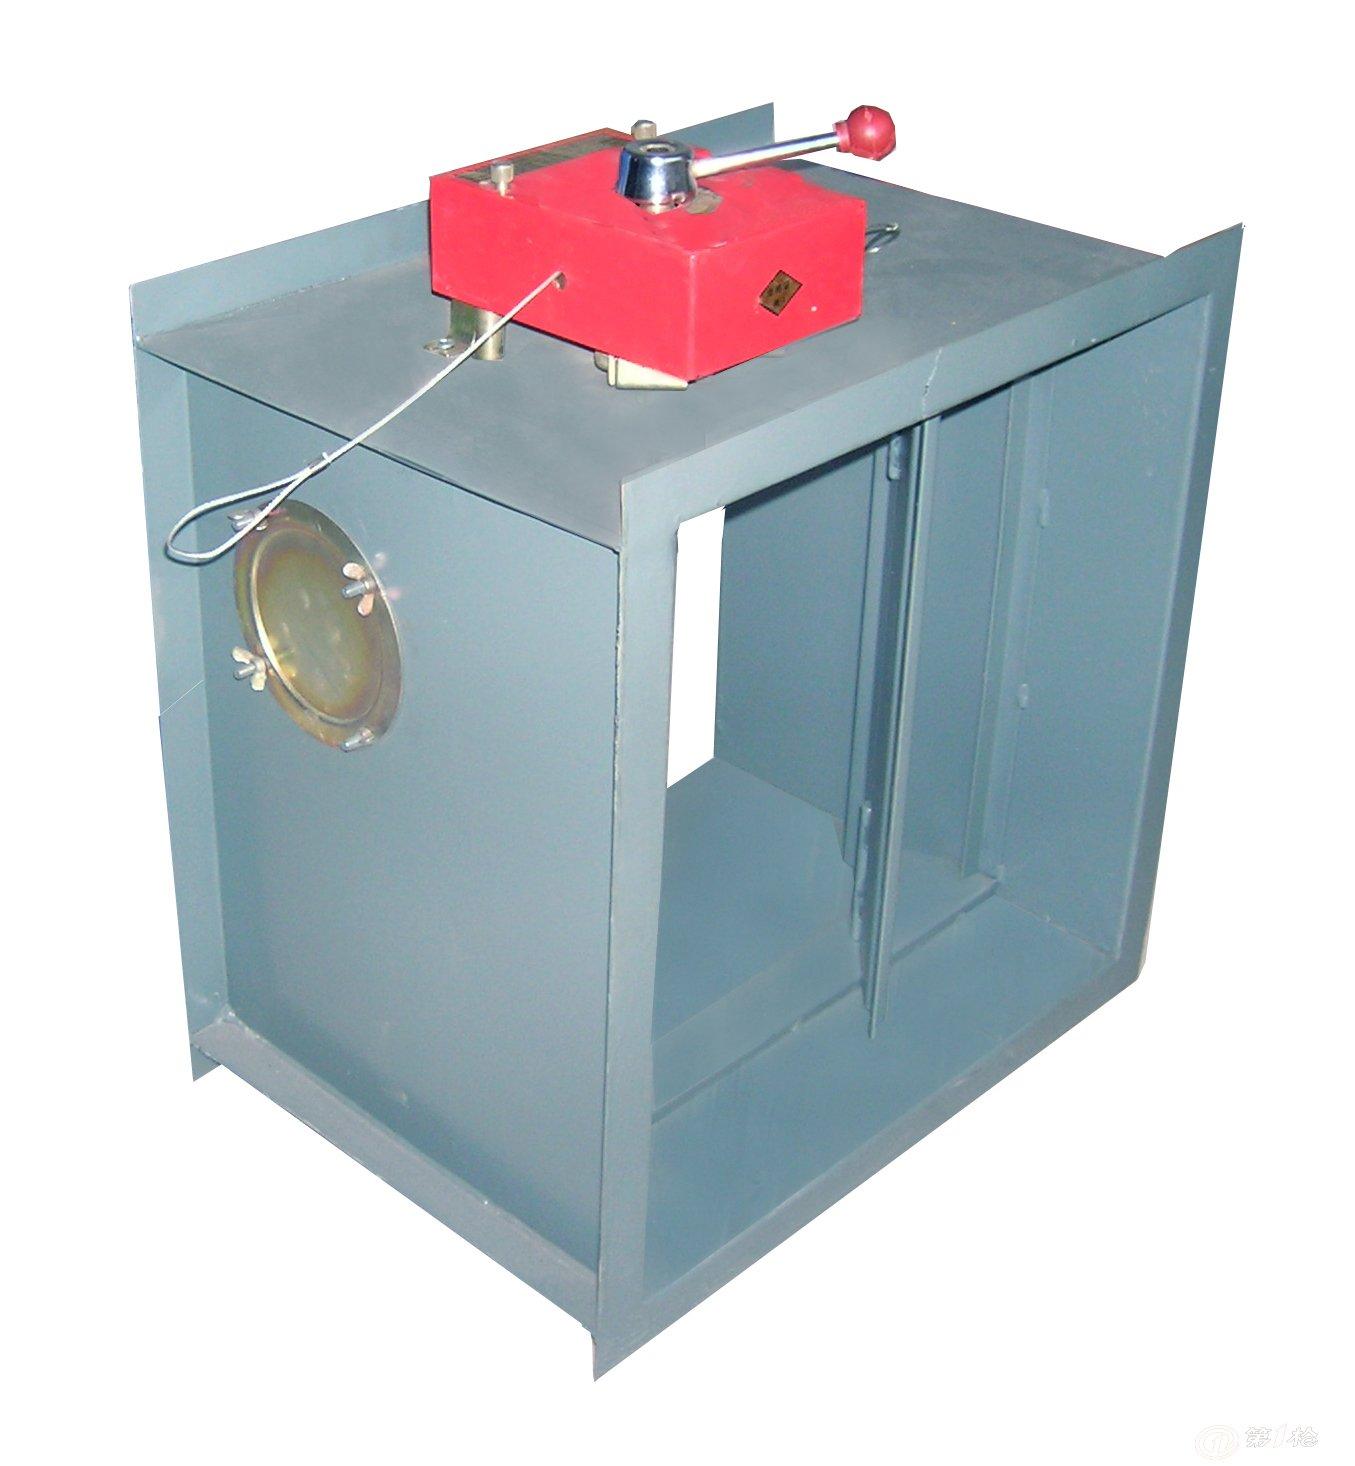 供应防火阀 排烟阀 排烟防火阀 板式排烟口